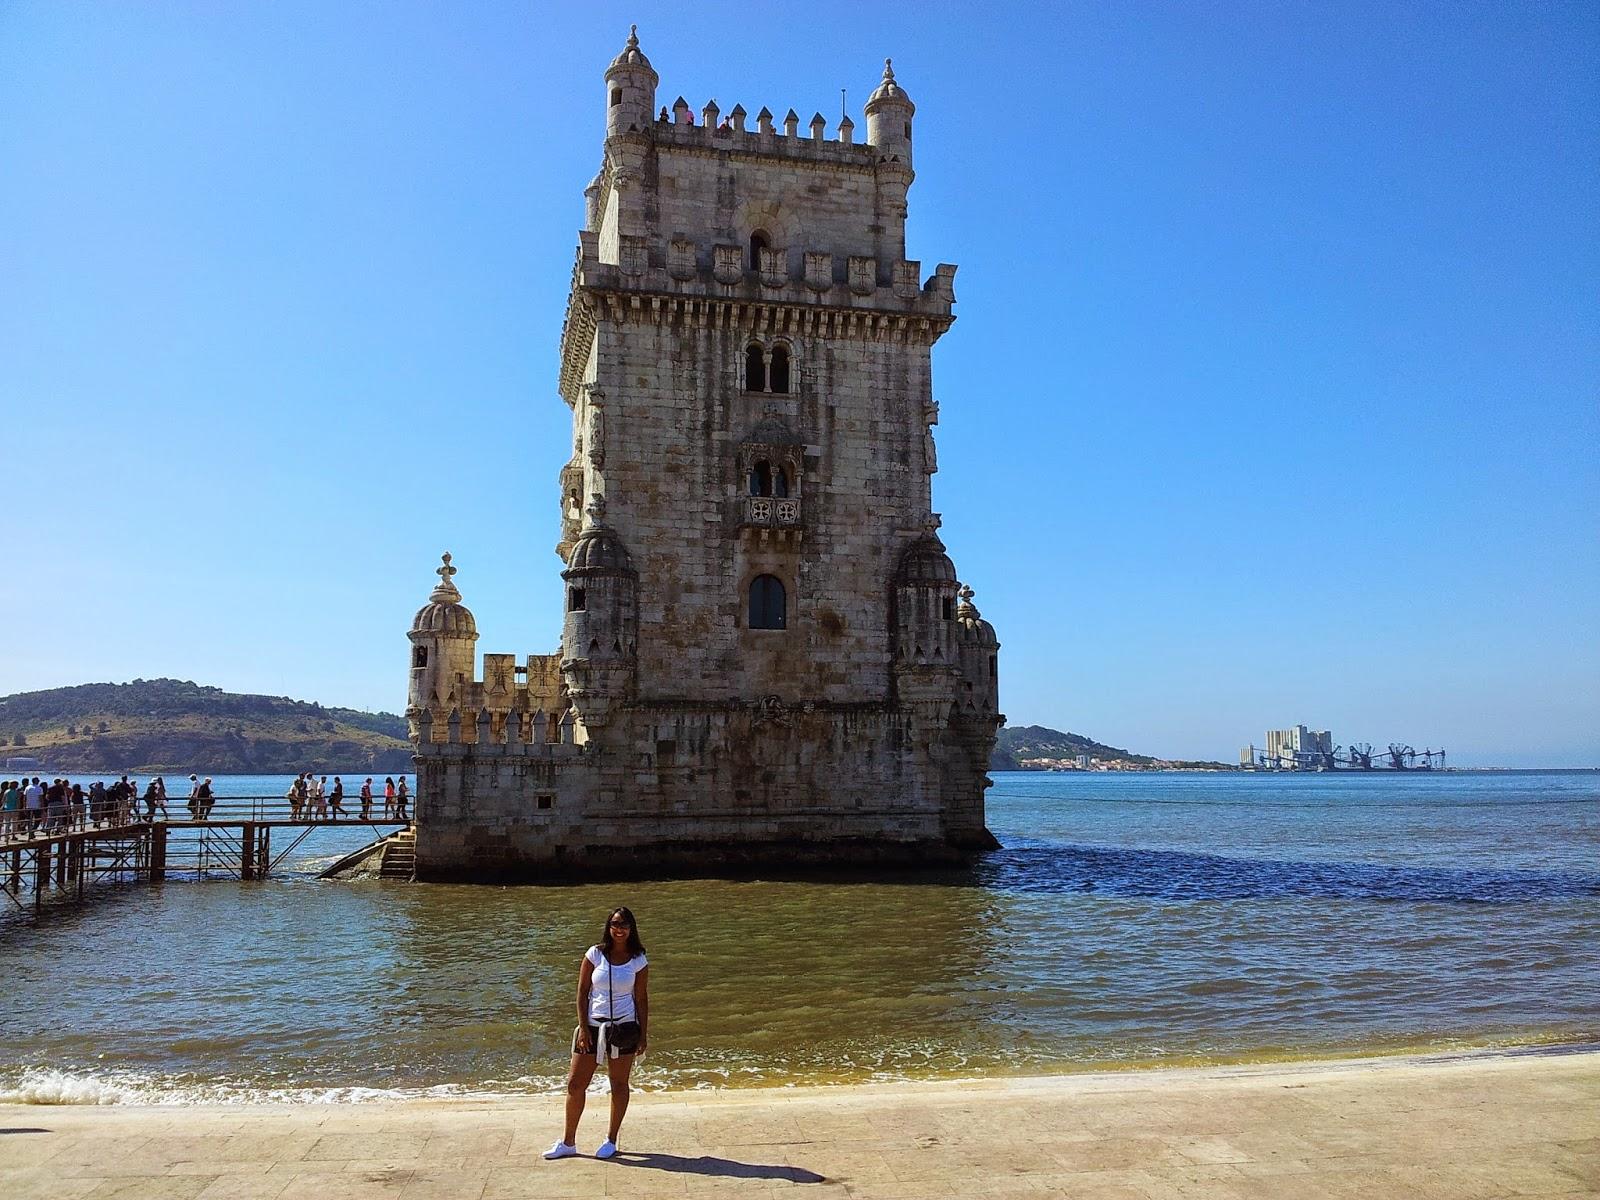 Torre de Belém - De Mochila pela Europa! - Viviane Rodrigues